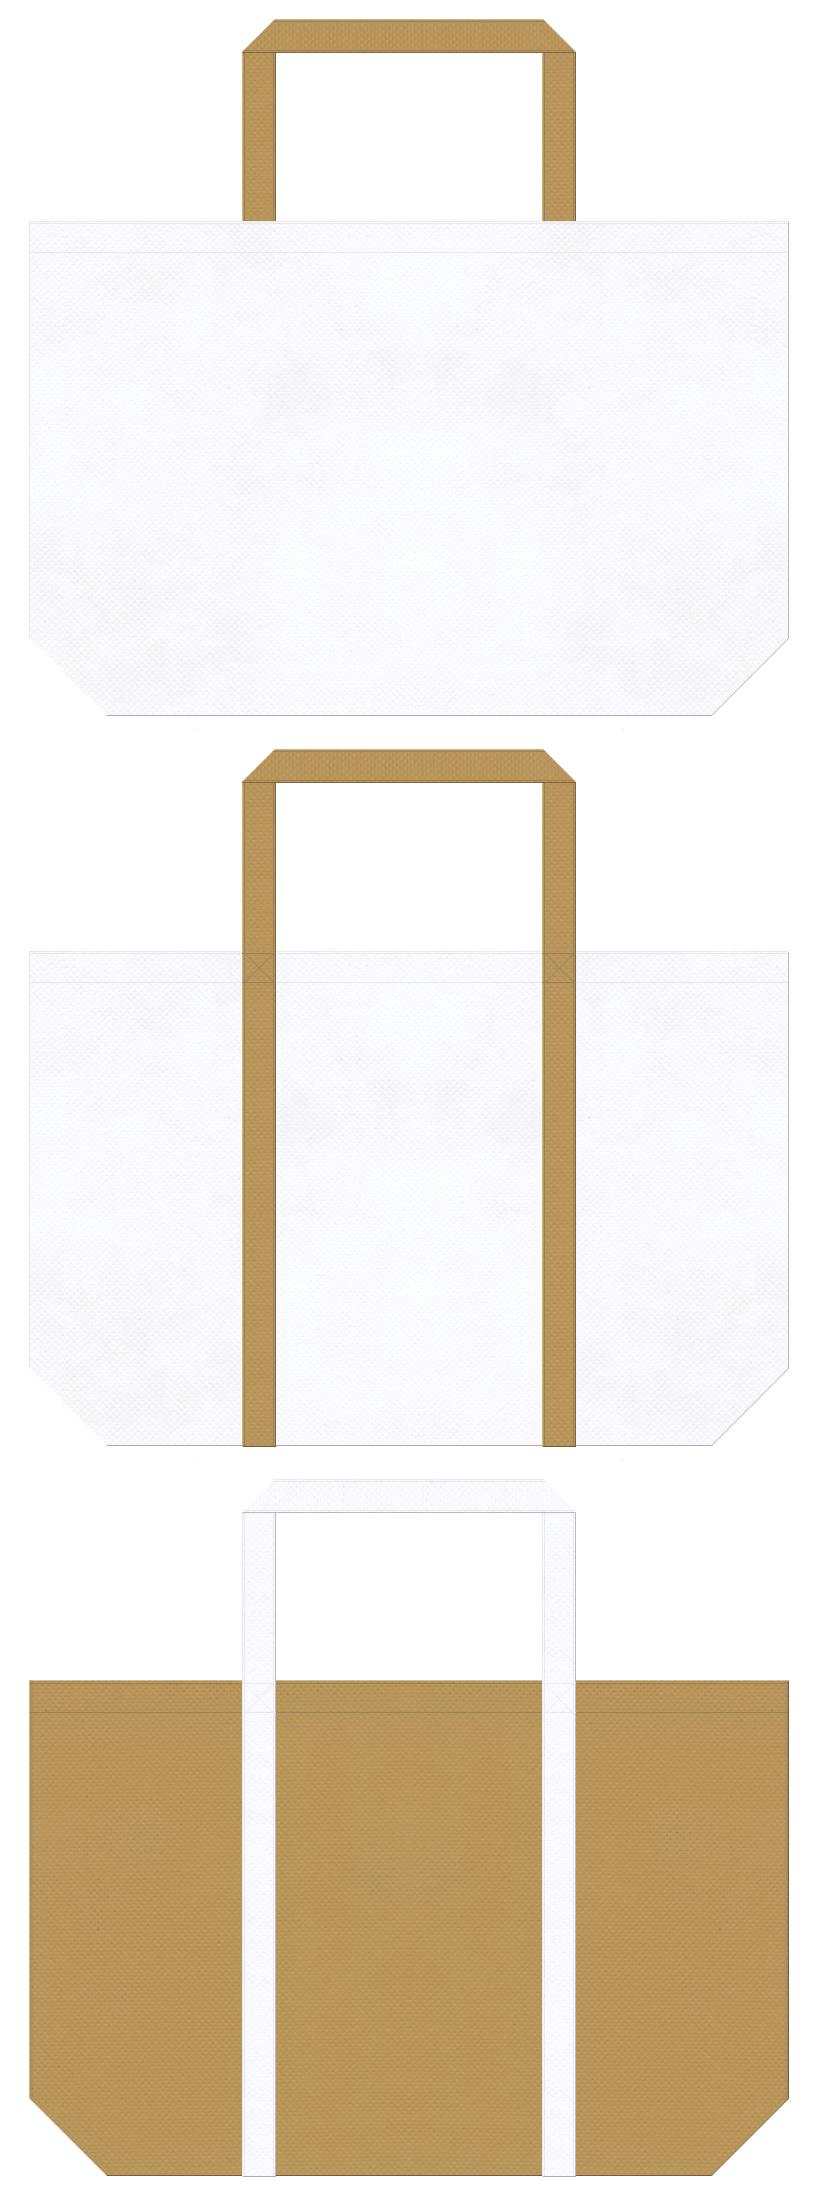 白色と金黄土色の不織布ショッピングバッグデザイン